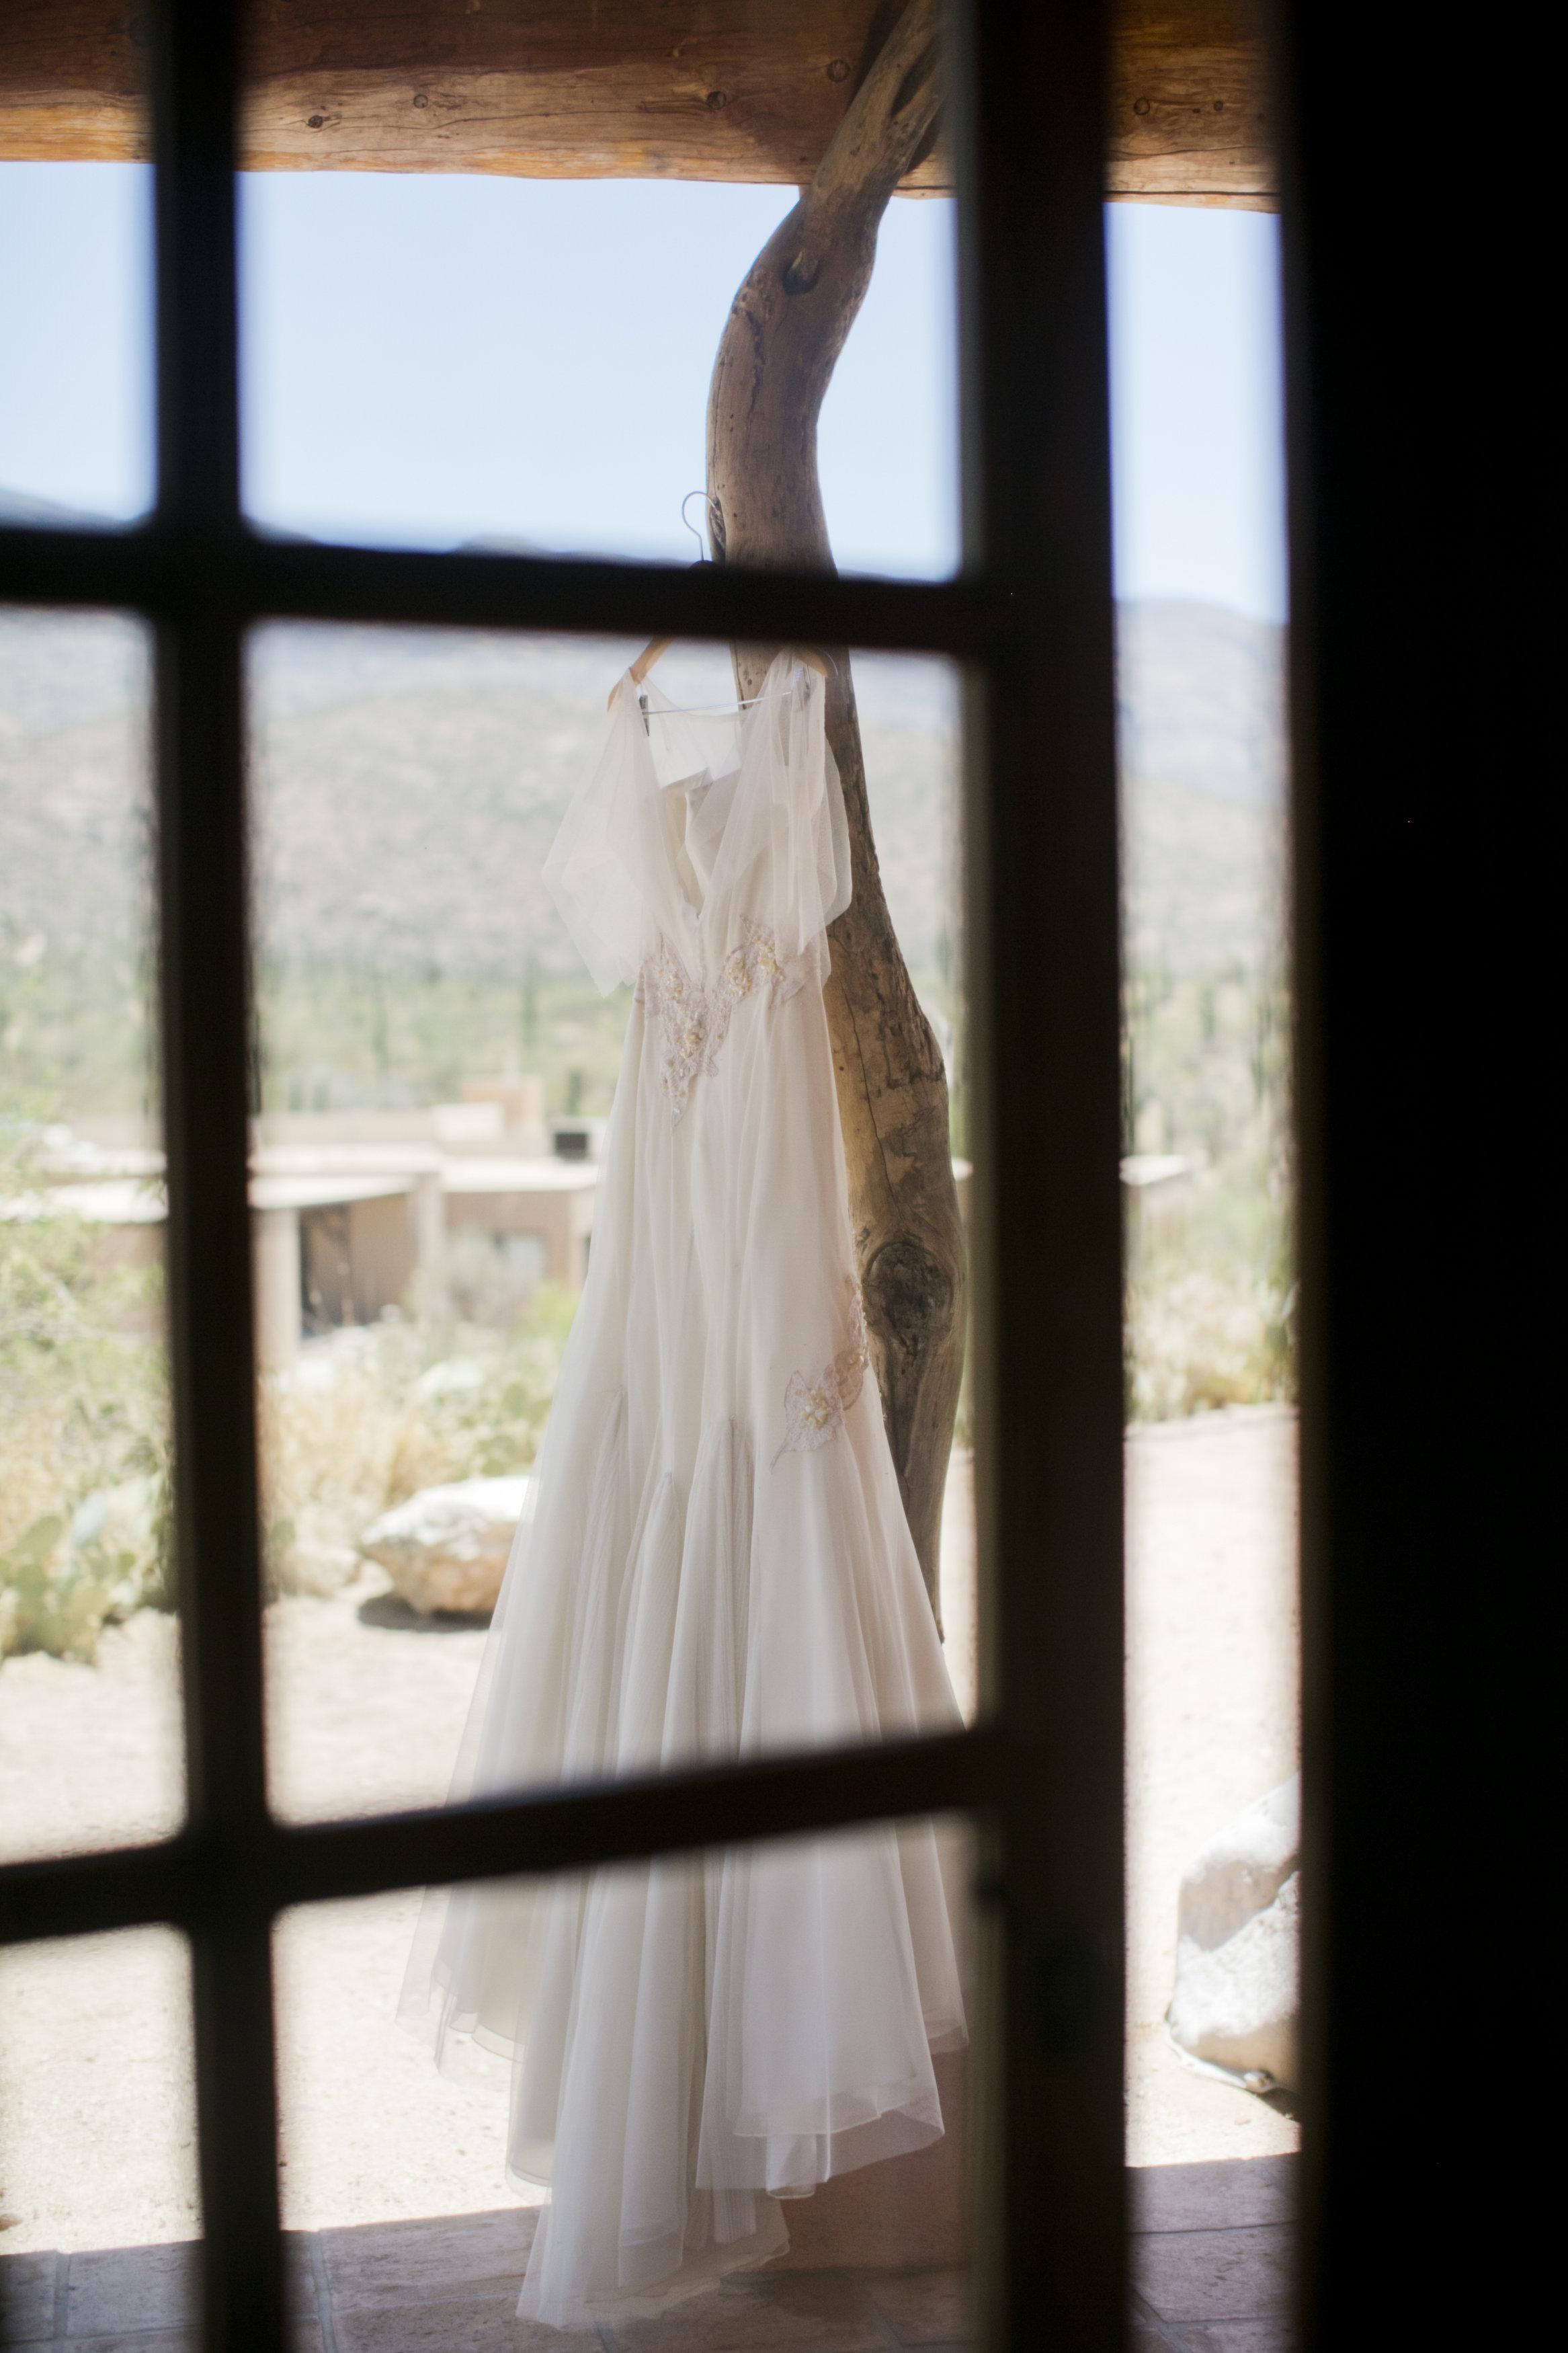 Ceci_New_York_Ceci_Style_Ceci_Johnson_Luxury_Lifestyle_Arizona_Wedding_Watercolor_Inspiration_Design_Custom_Couture_Personalized_Invitations_18.jpg